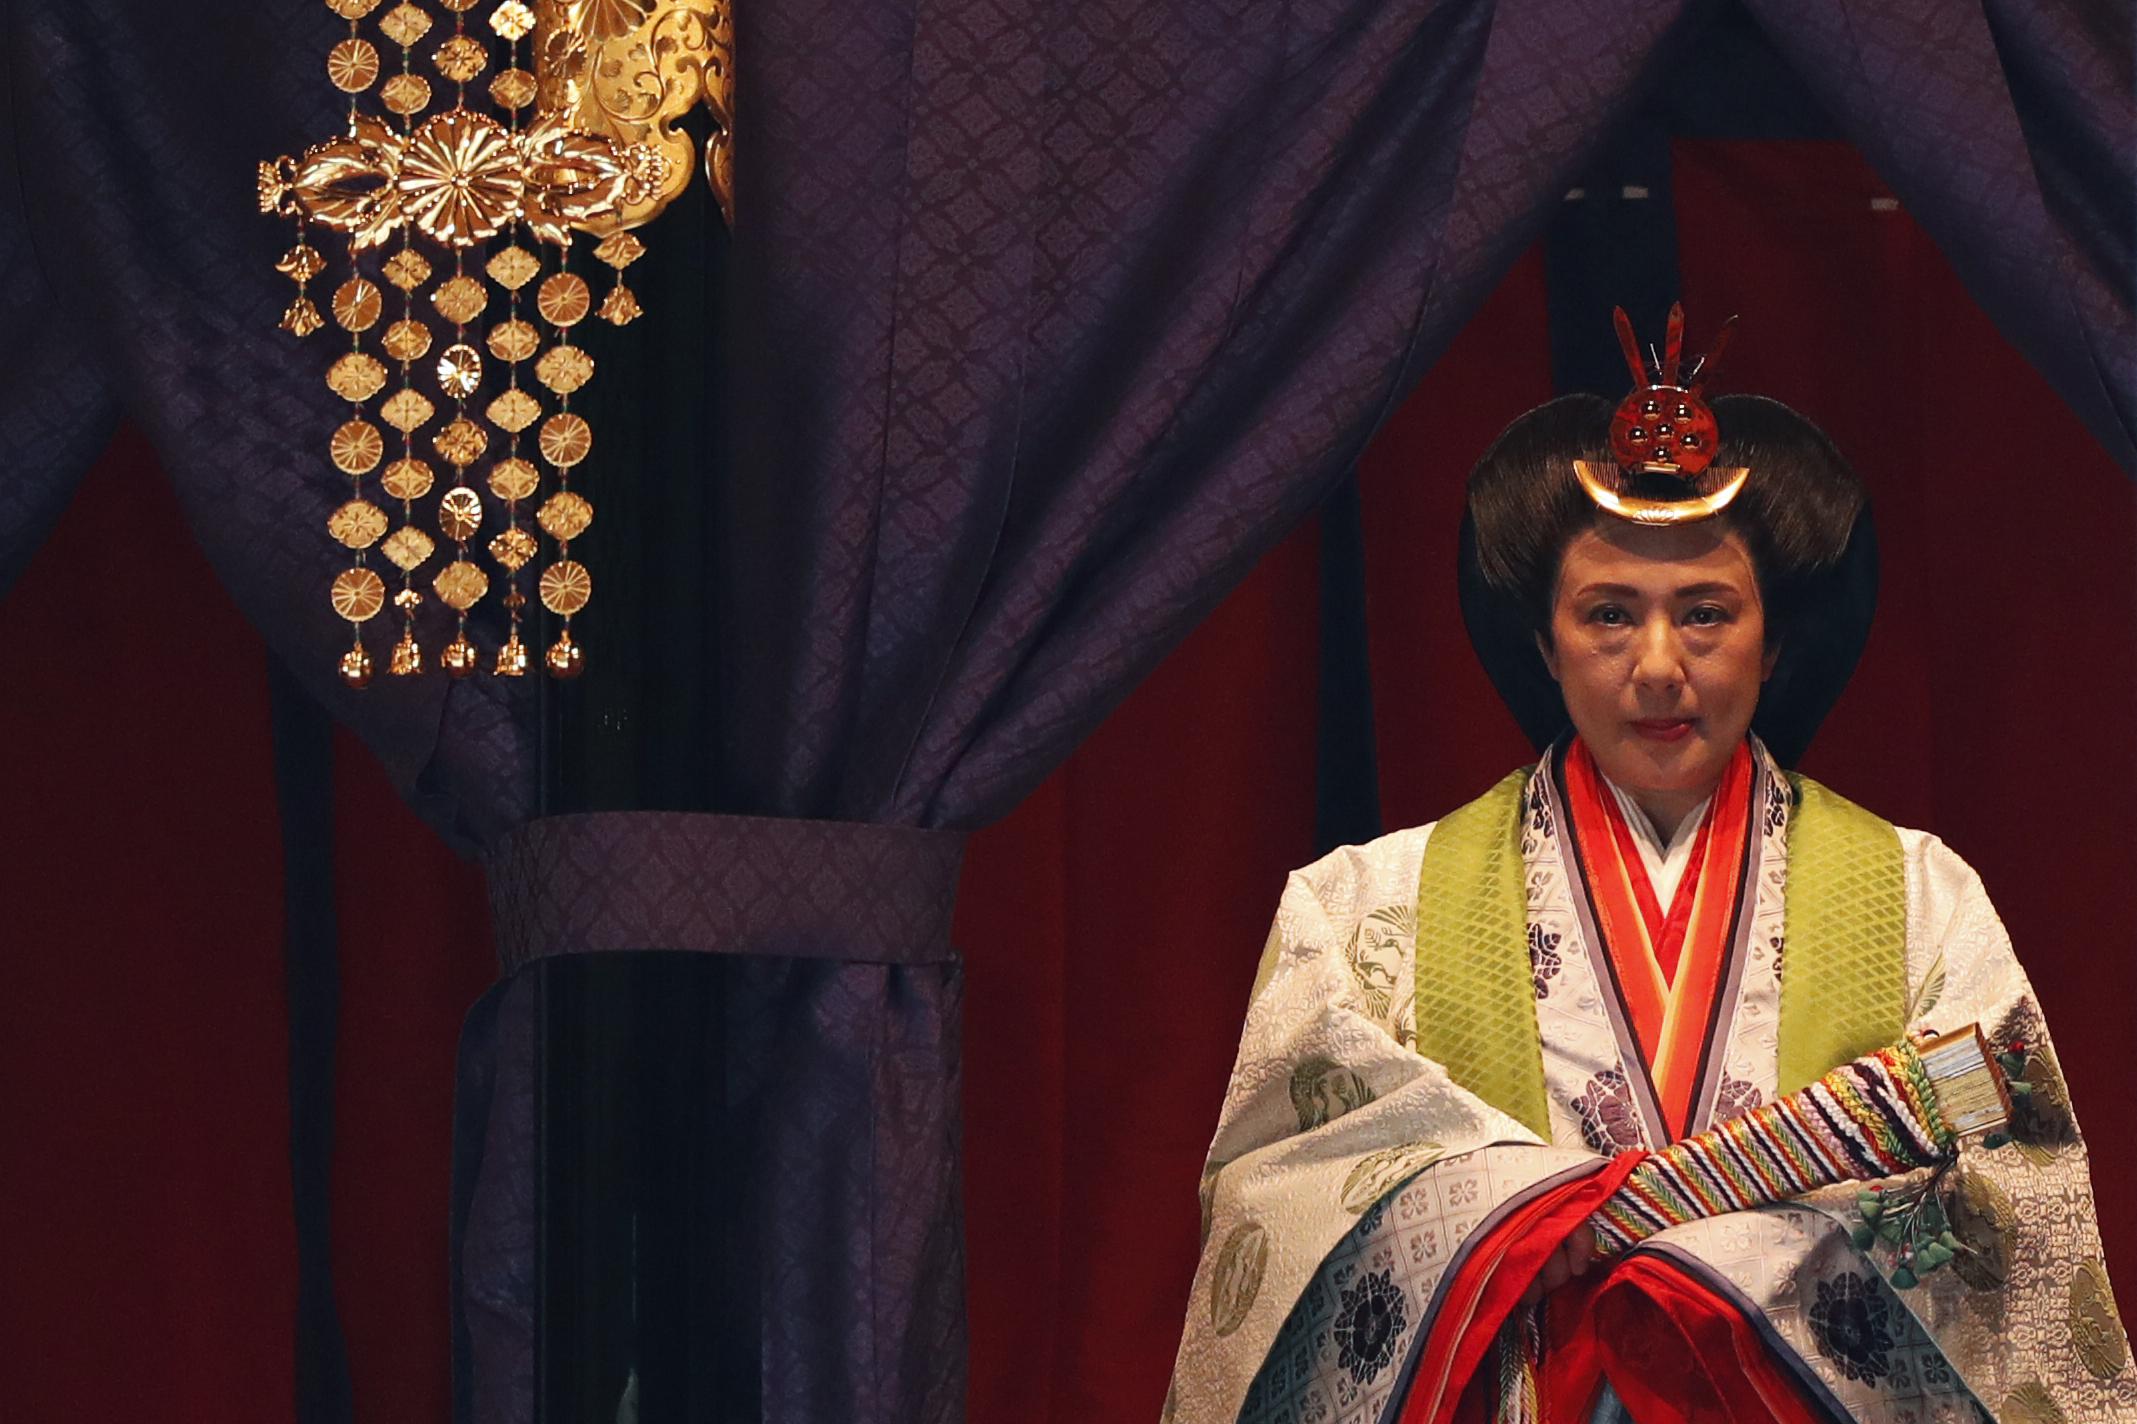 La emperatriz japonesa Masako hace su aparición durante una ceremonia para proclamar la entronización del emperador Naruhito al Trono del Crisantemo (AFP)